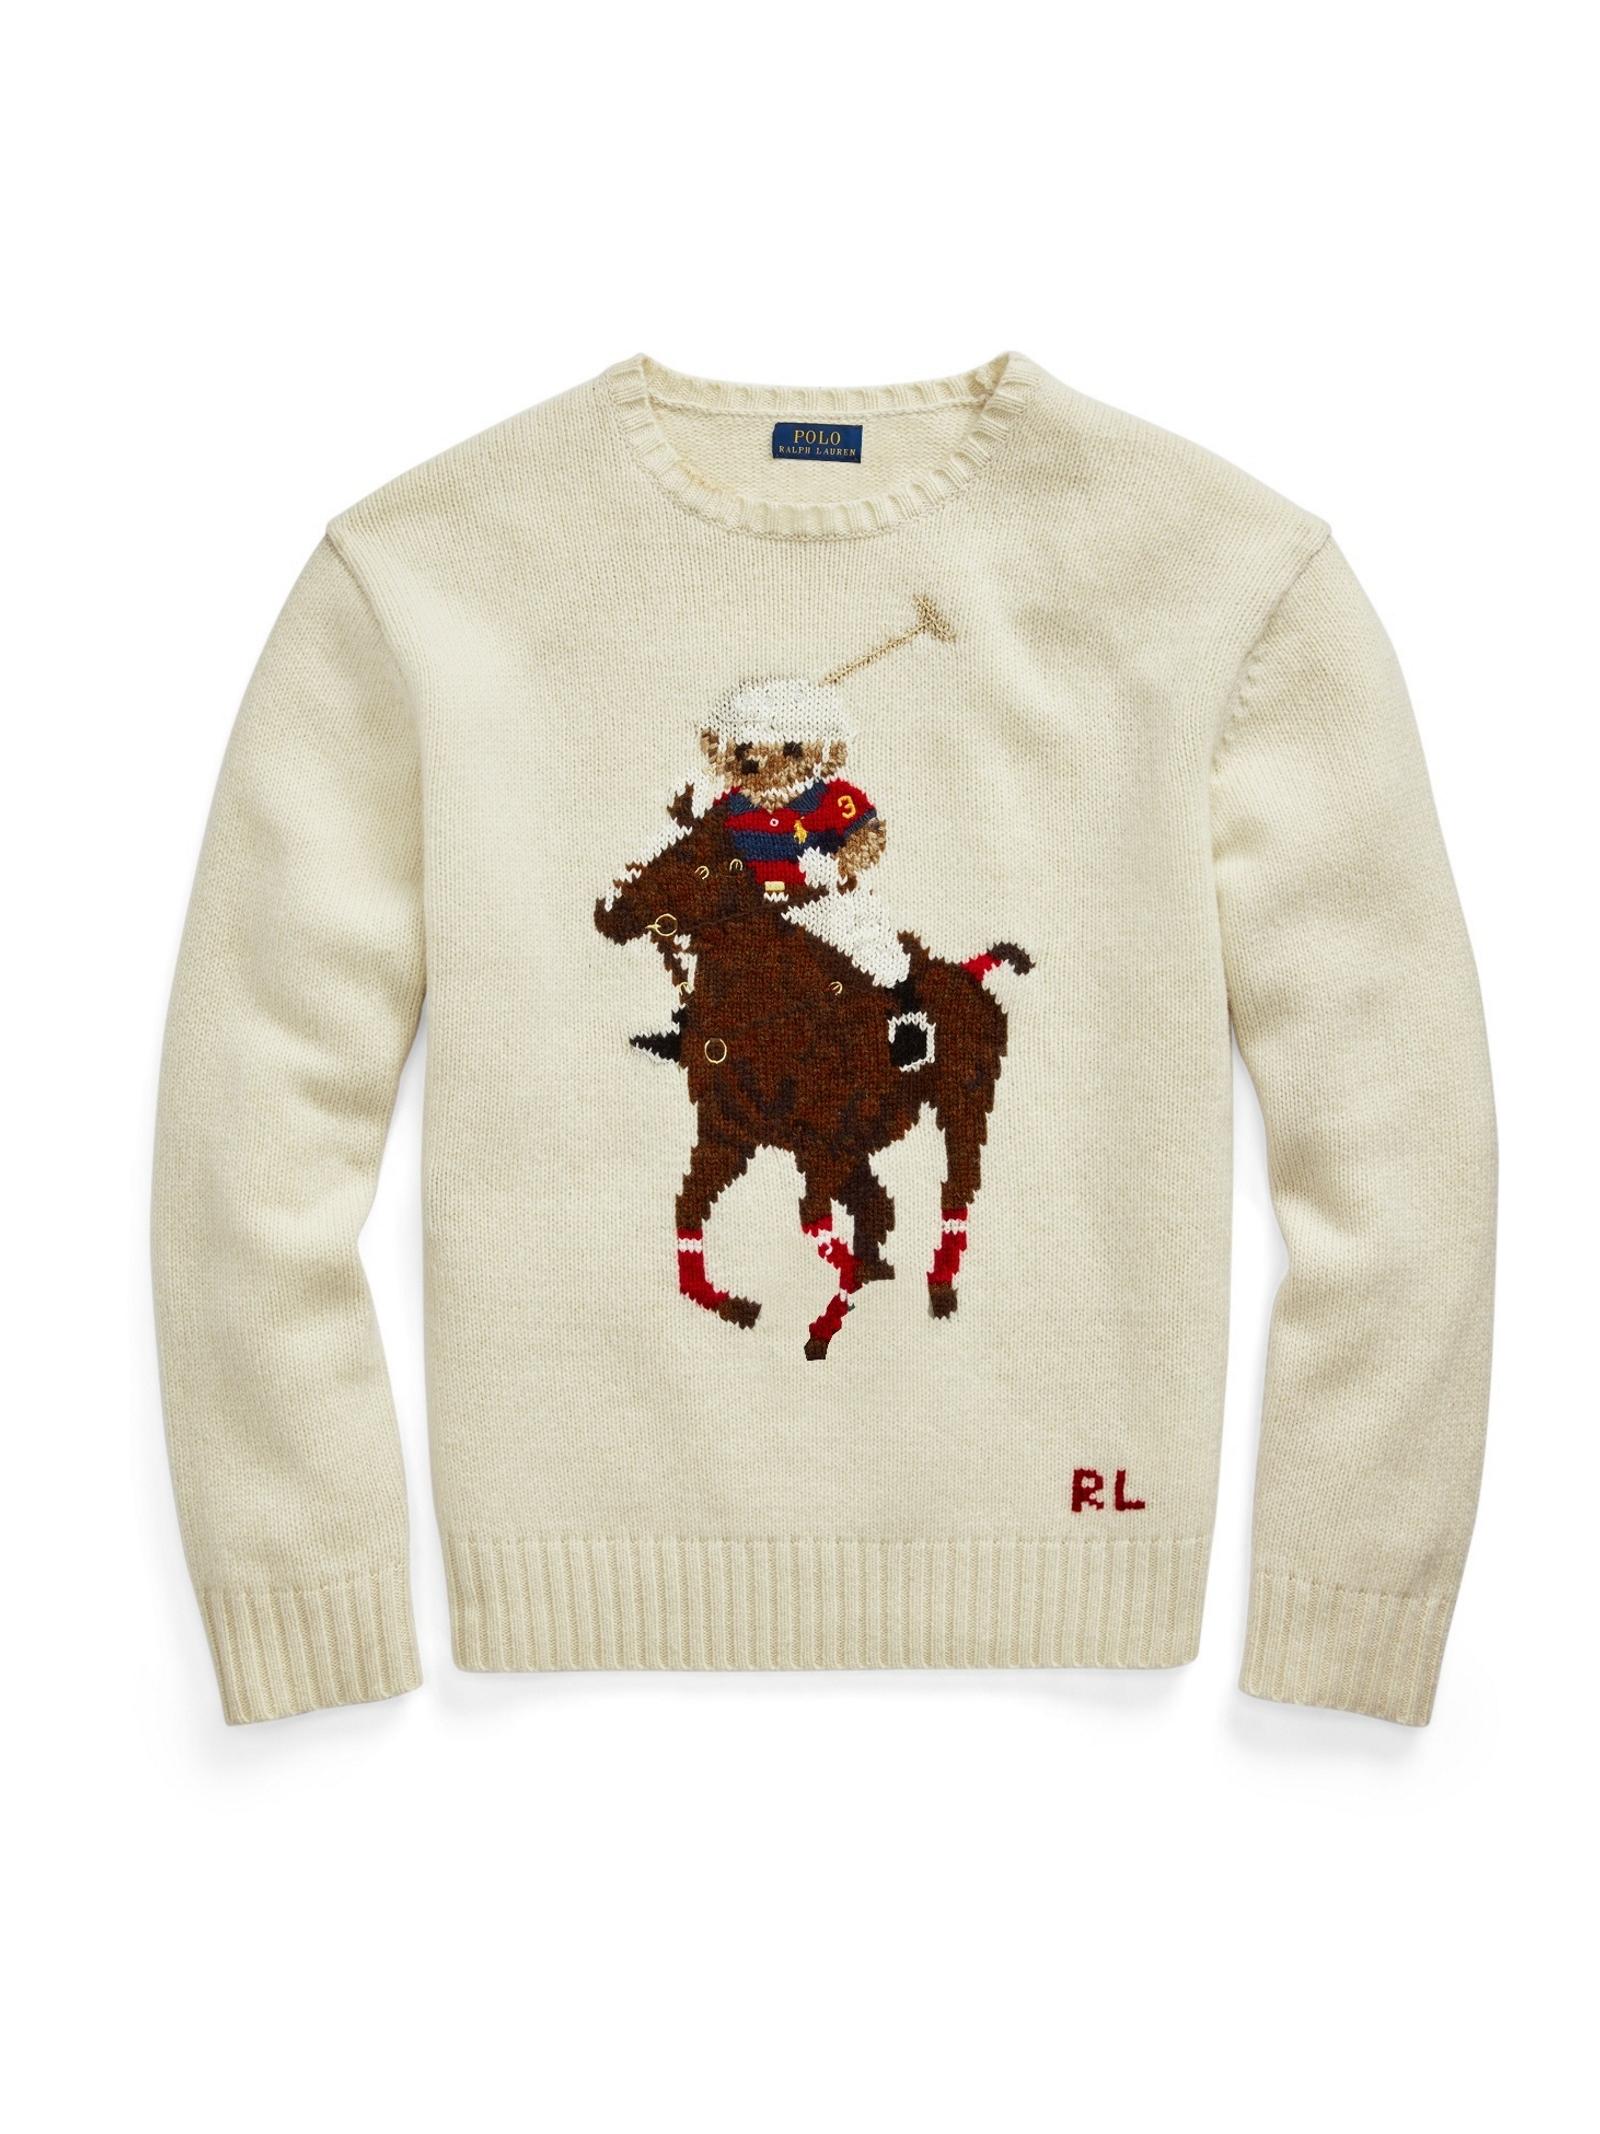 Sweater Polo Ralph Lauren POLO RALPH LAUREN | 1 | 211843149001